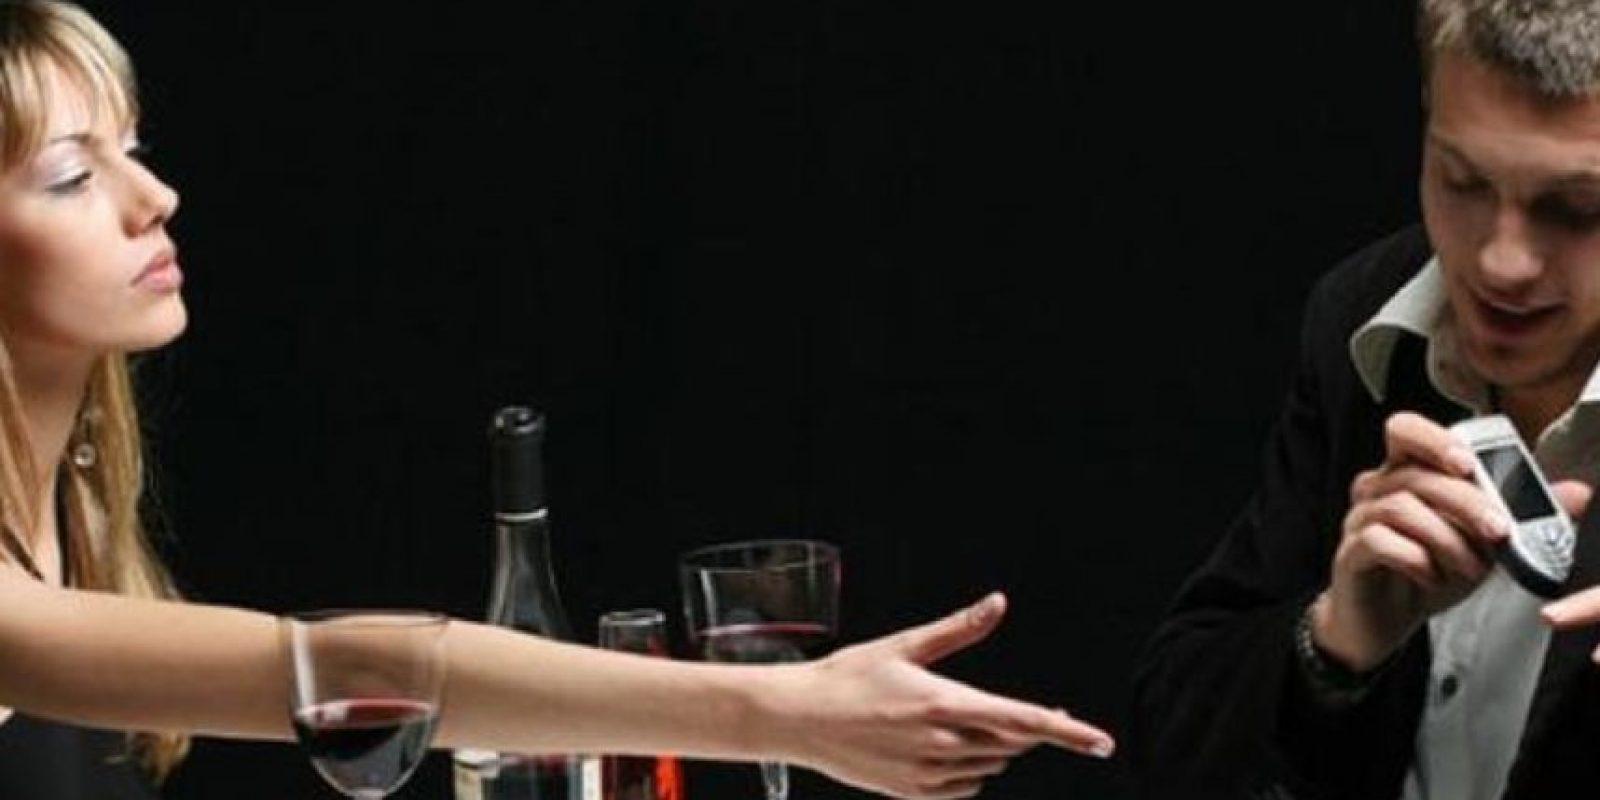 Imaginar que te llegua a engañar o pensar que puede verse con su ex son pensamientos destructivos. Debemos aprender a diferenciar la fantasía de la realidad, detalló el sitio Terra México Foto:Tumblr.com/Tagged-pareja-problemas